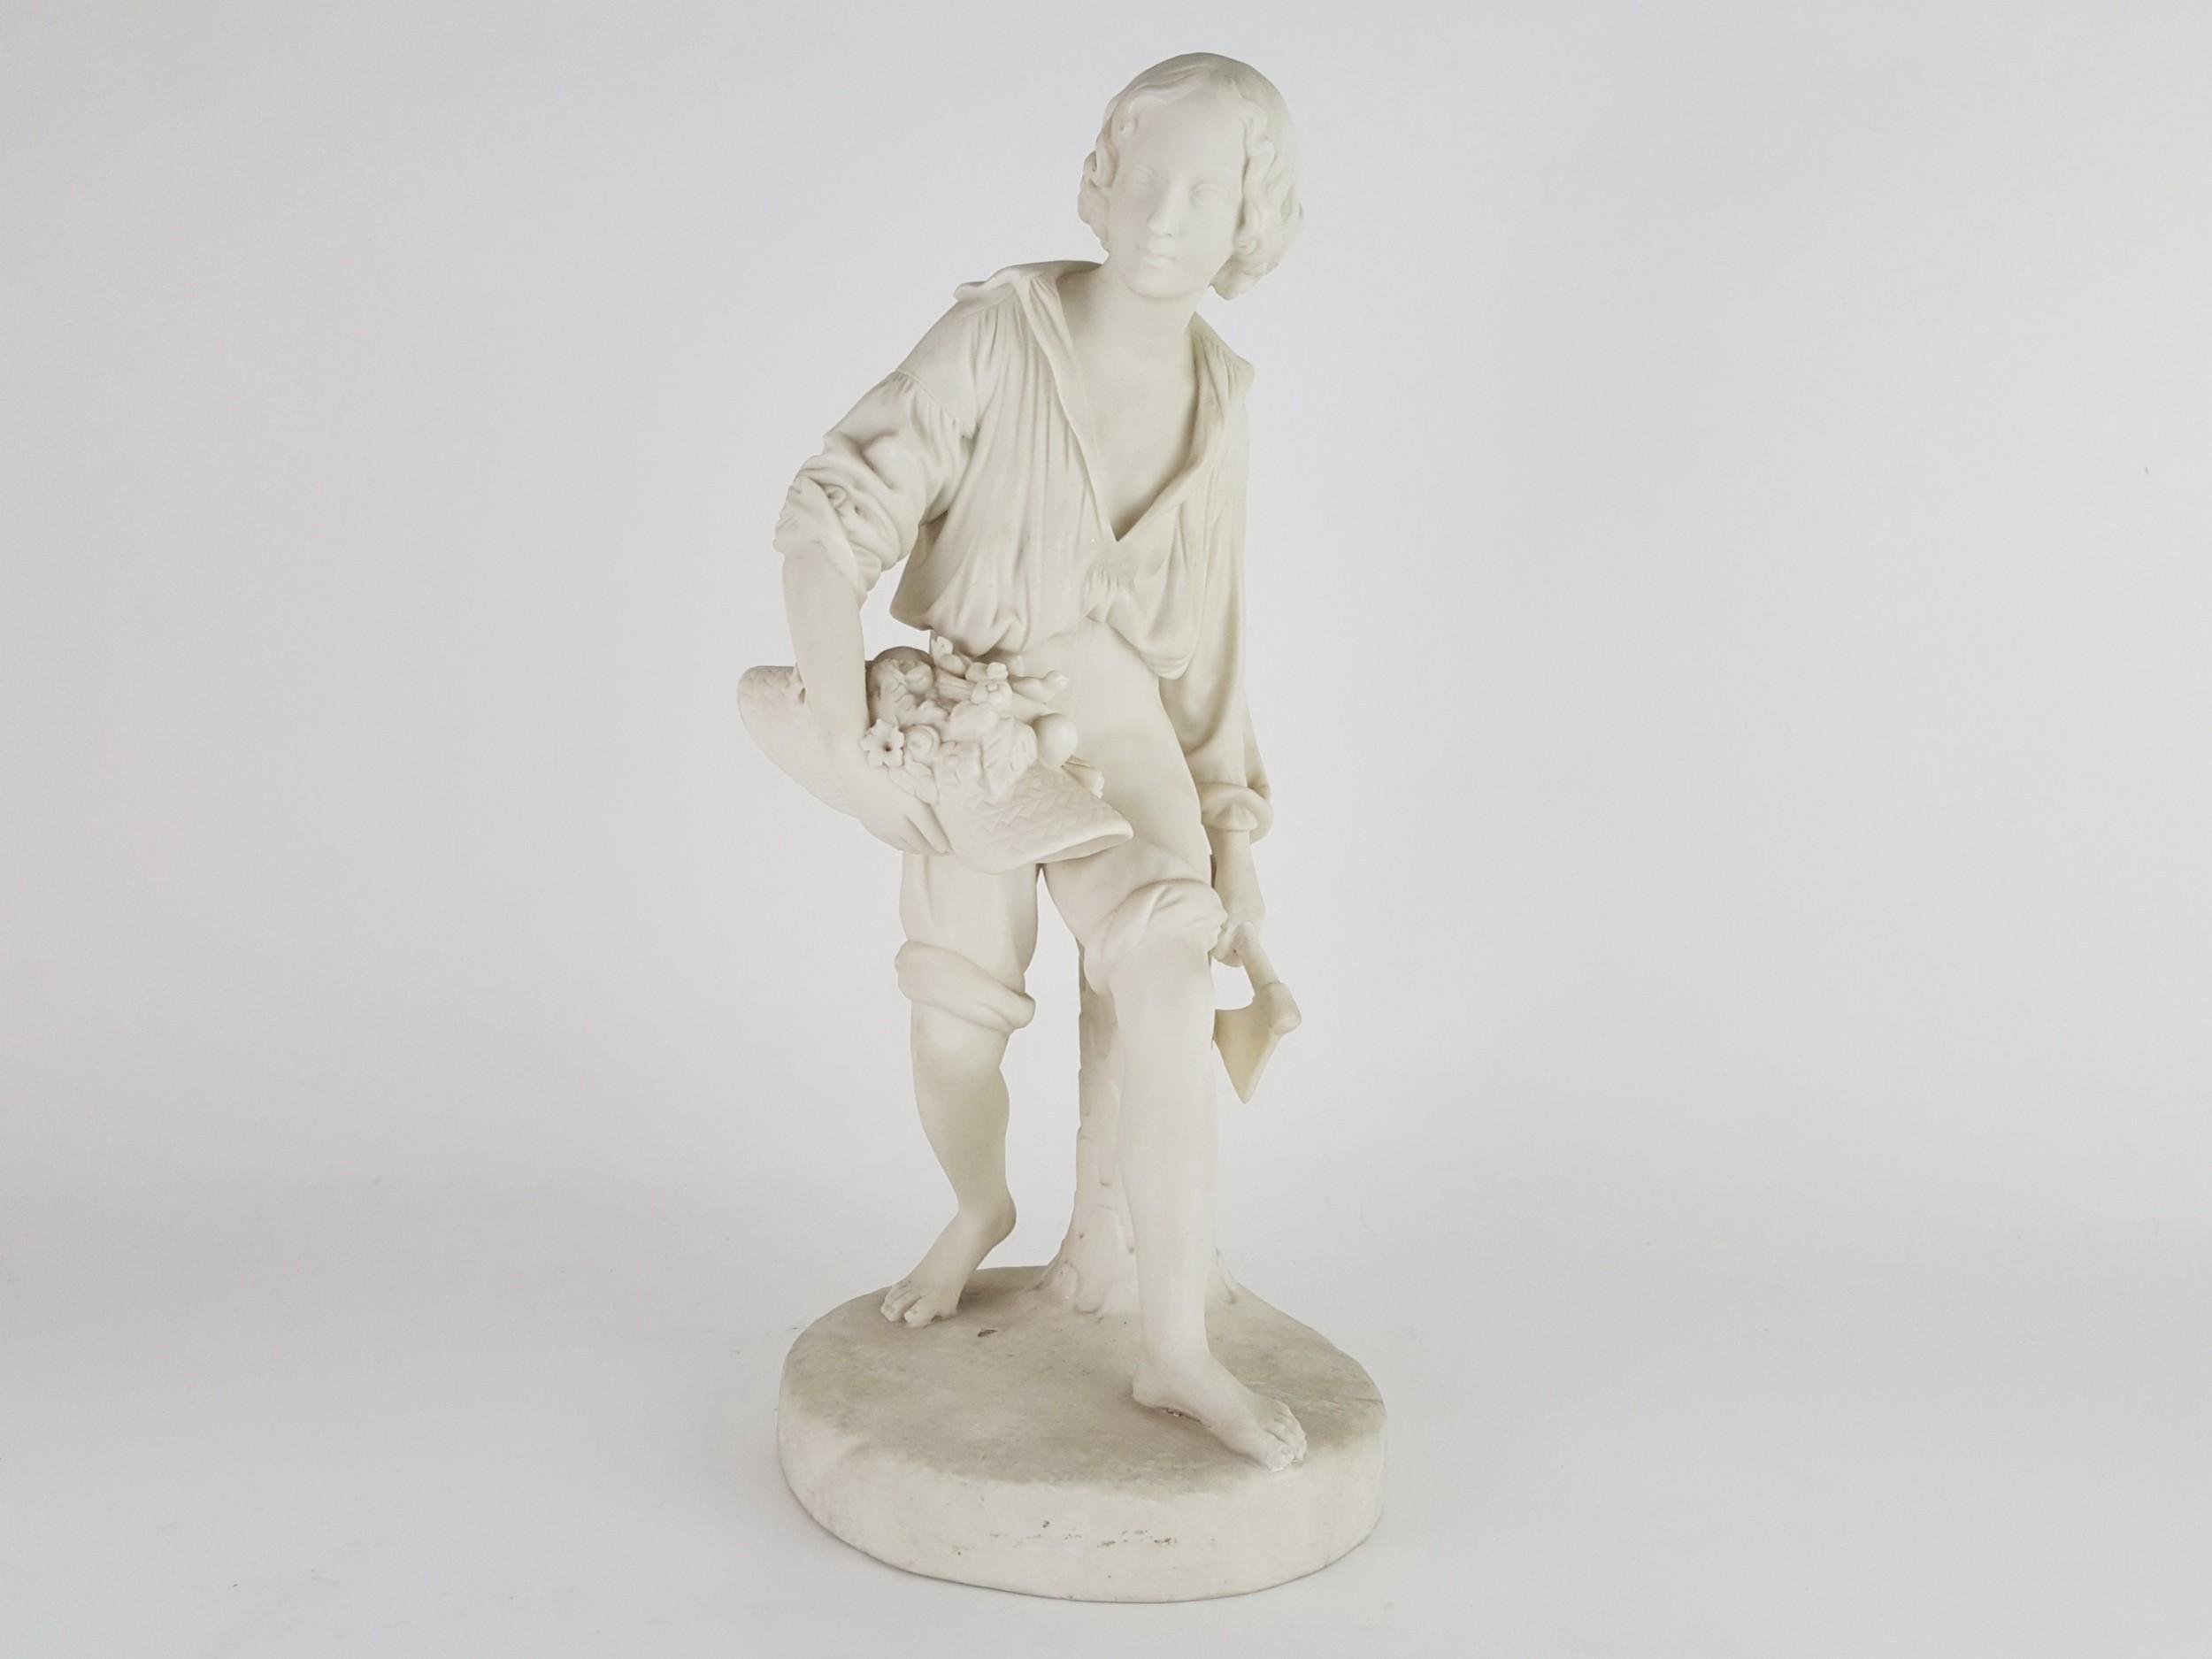 19th century european bisque figure